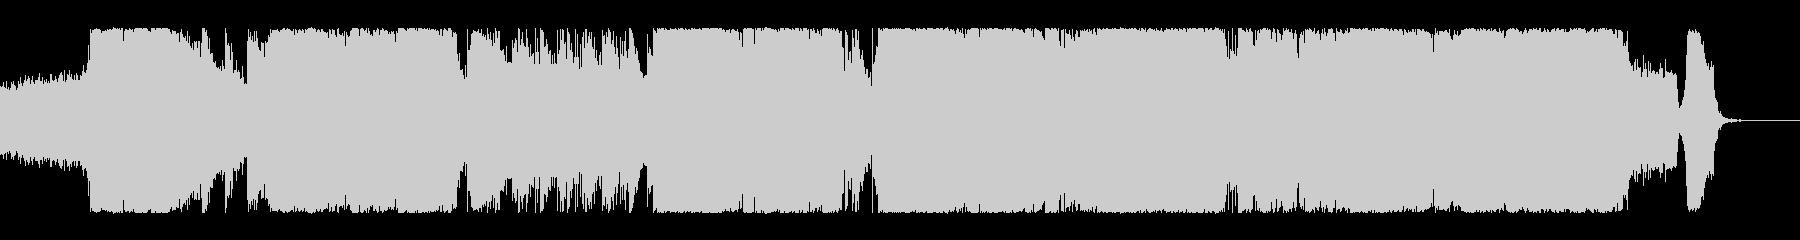 アンビエント 荘厳 ピアノ 弦楽器...の未再生の波形